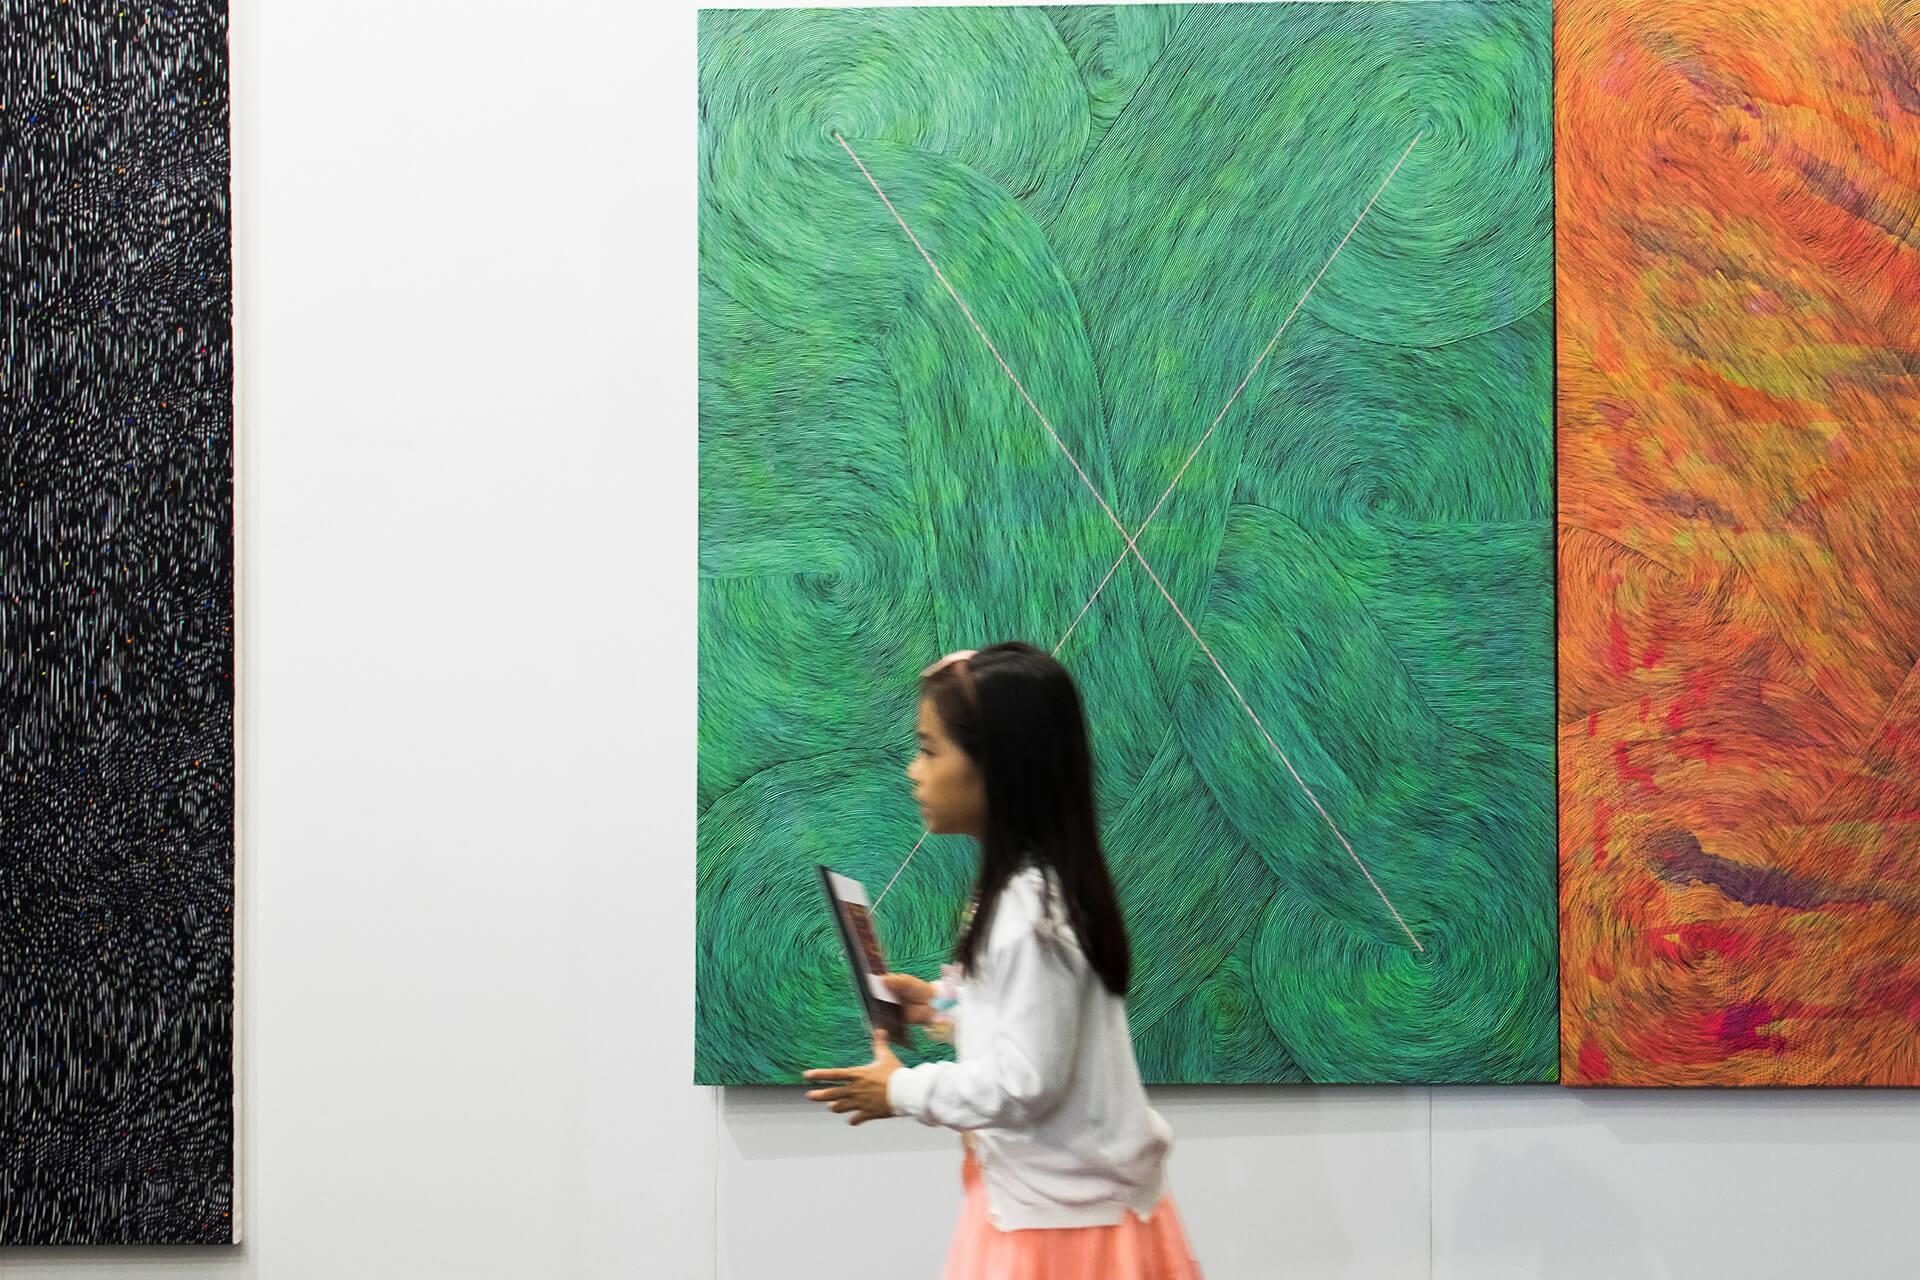 跟Art Basel相比,Art Central比較親民,場內除了收藏家,還有一家大細前來家庭樂。